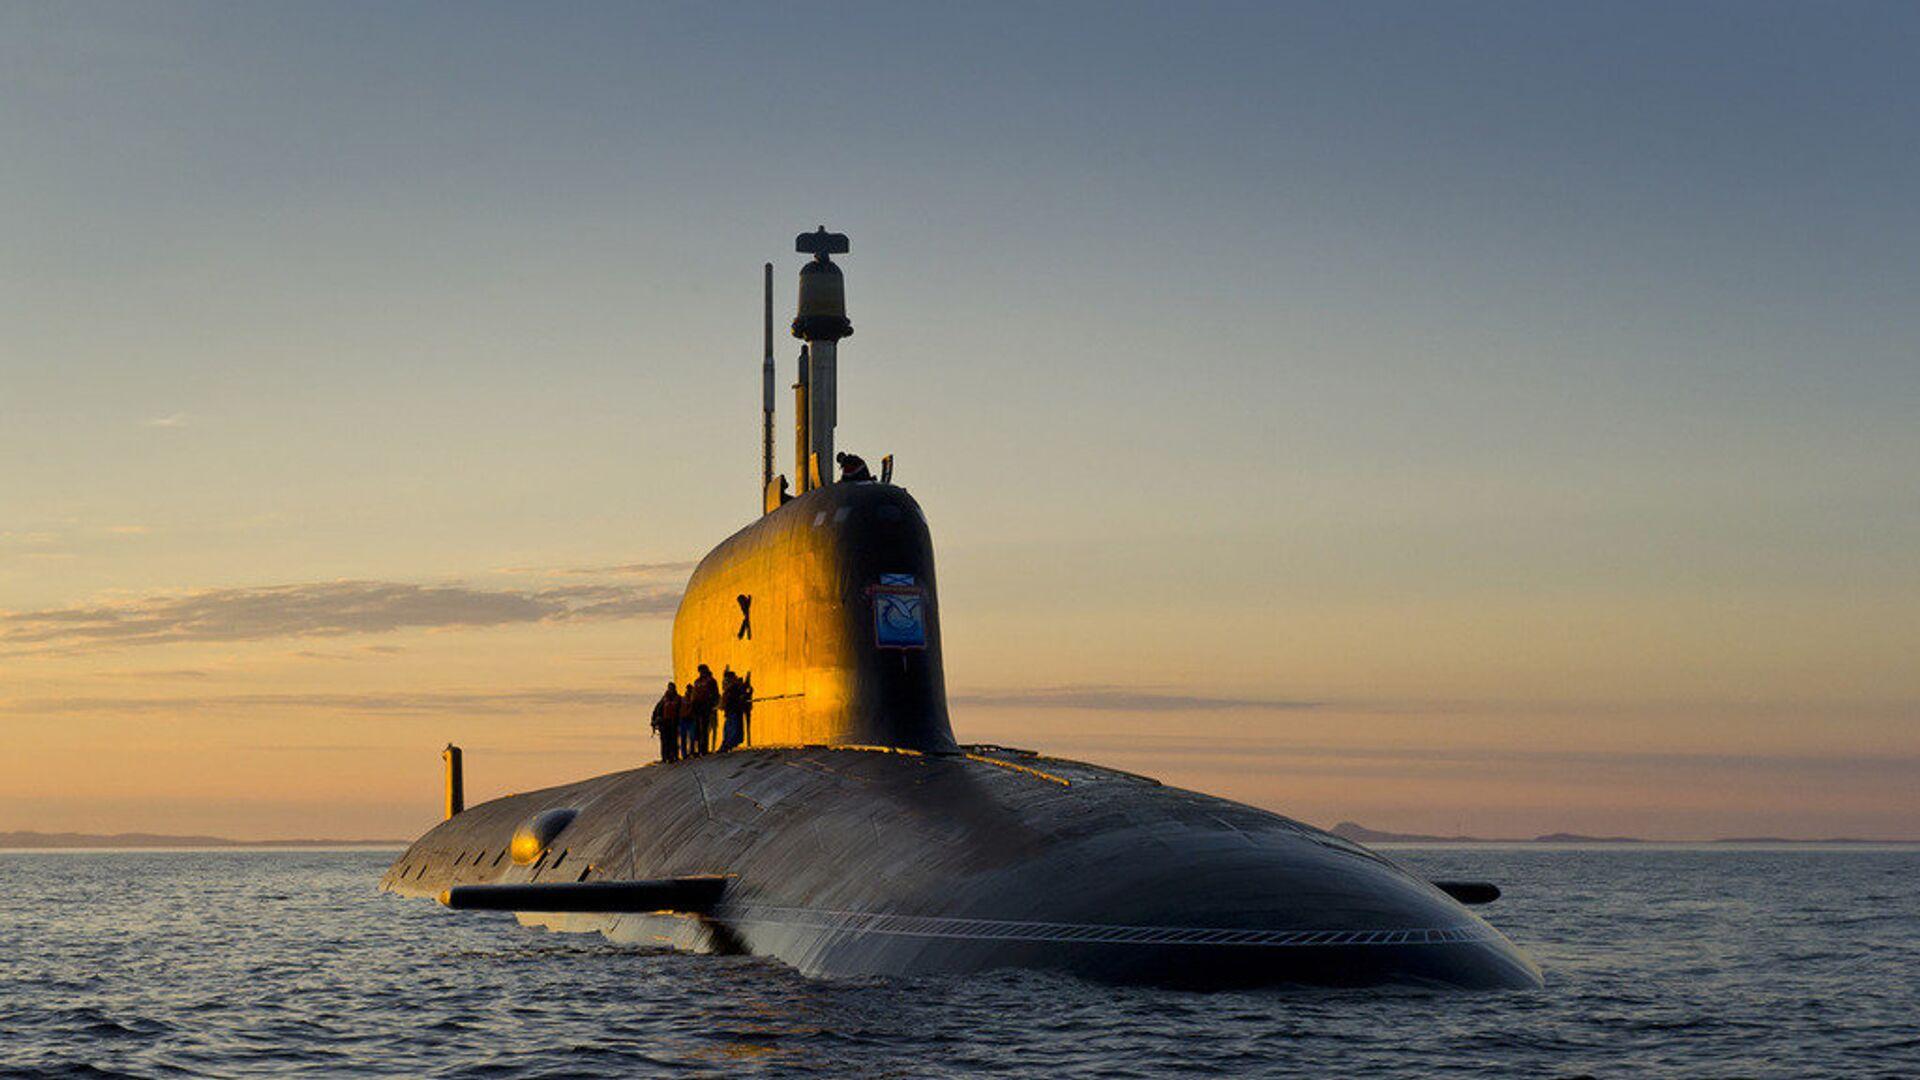 Подводная лодка проекта Ясень-М - РИА Новости, 1920, 26.07.2021